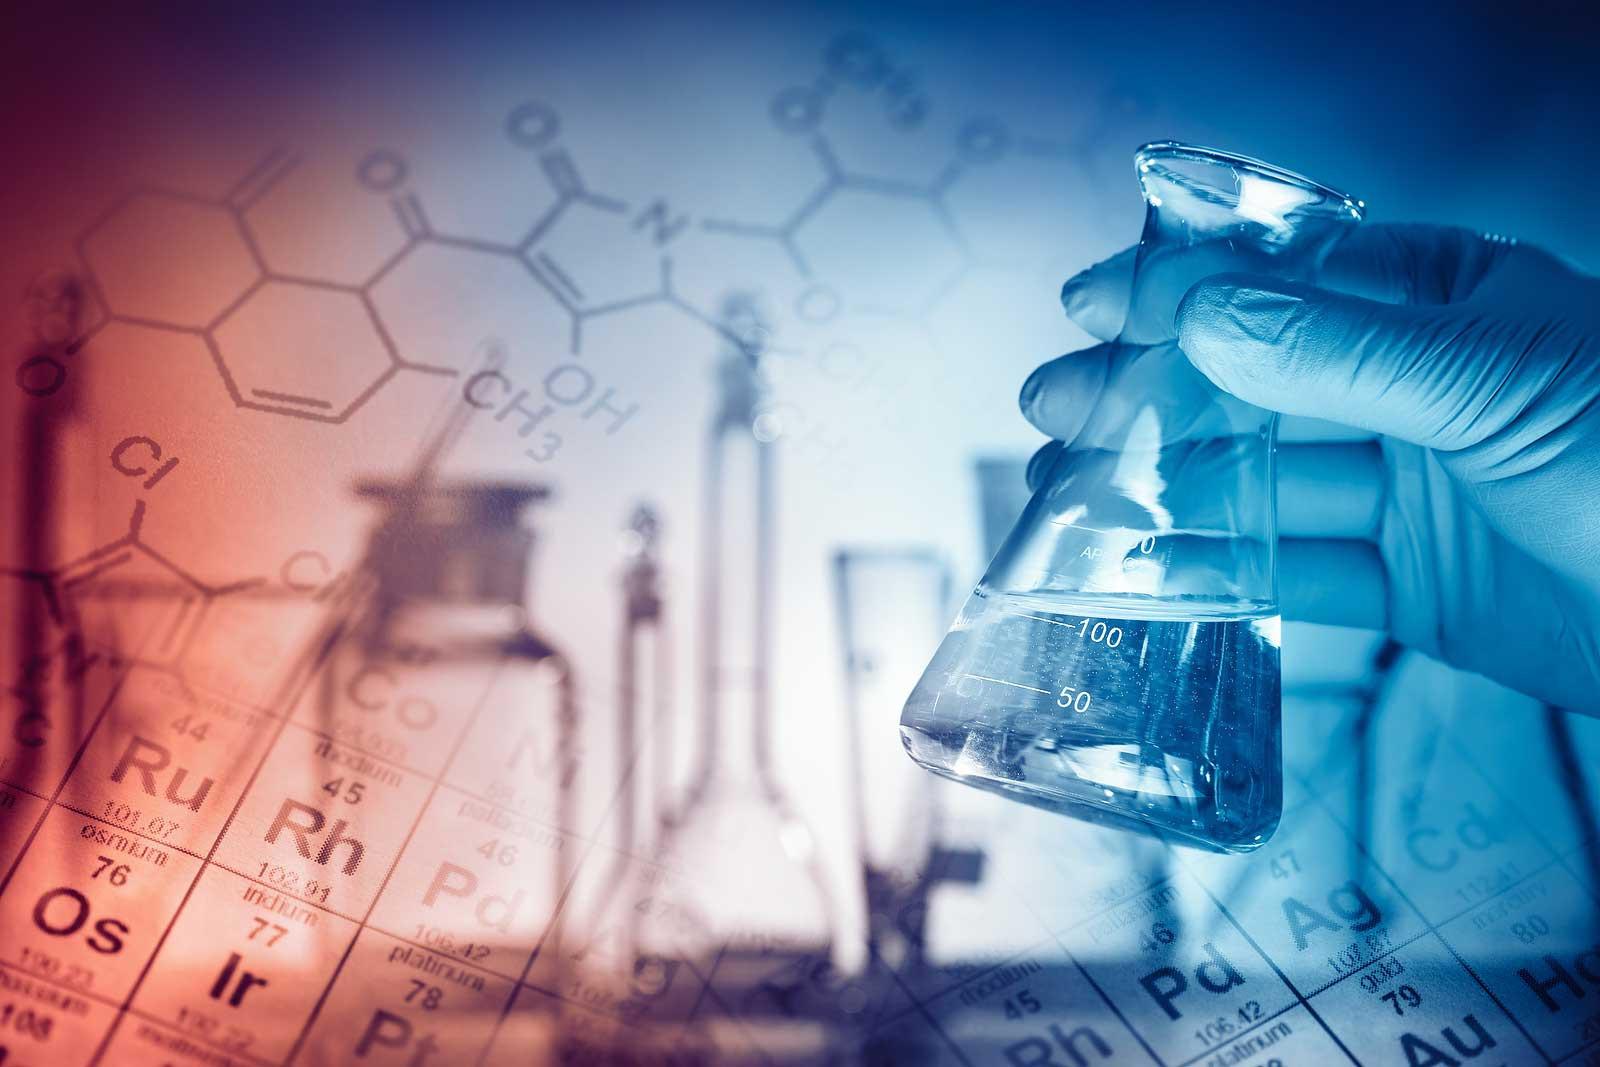 Ученые РФ  иЯпонии впервый раз  вмире синтезировали квантовый металл